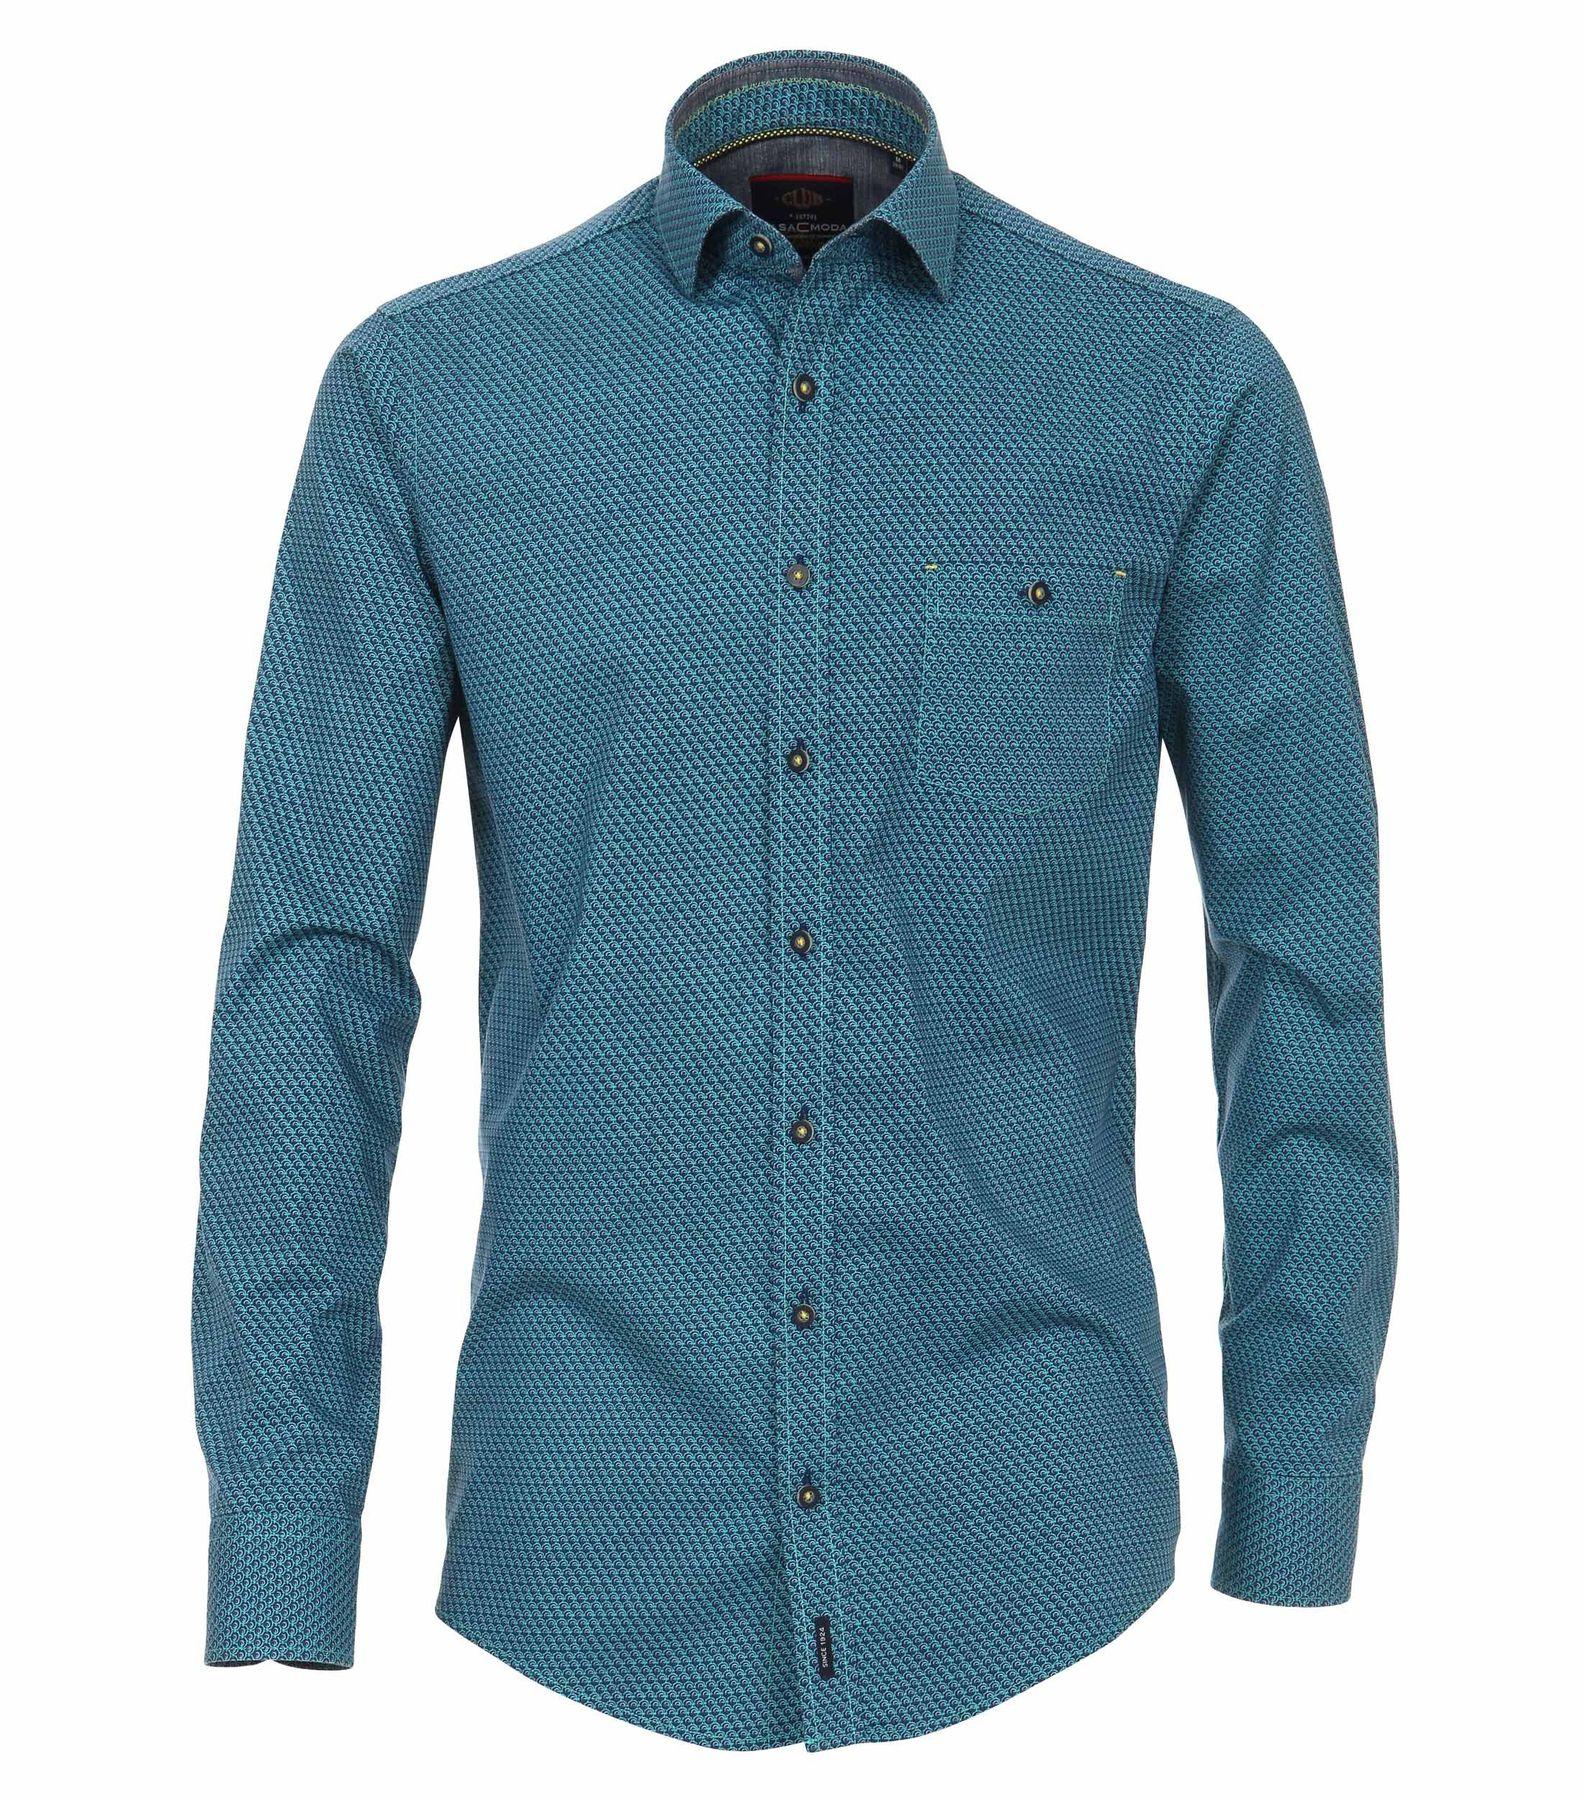 Casa Moda - Casual Fit - Herren Hemd mit modischem Druck mit Kent-Kragen in aqua bis petrol (482896700)